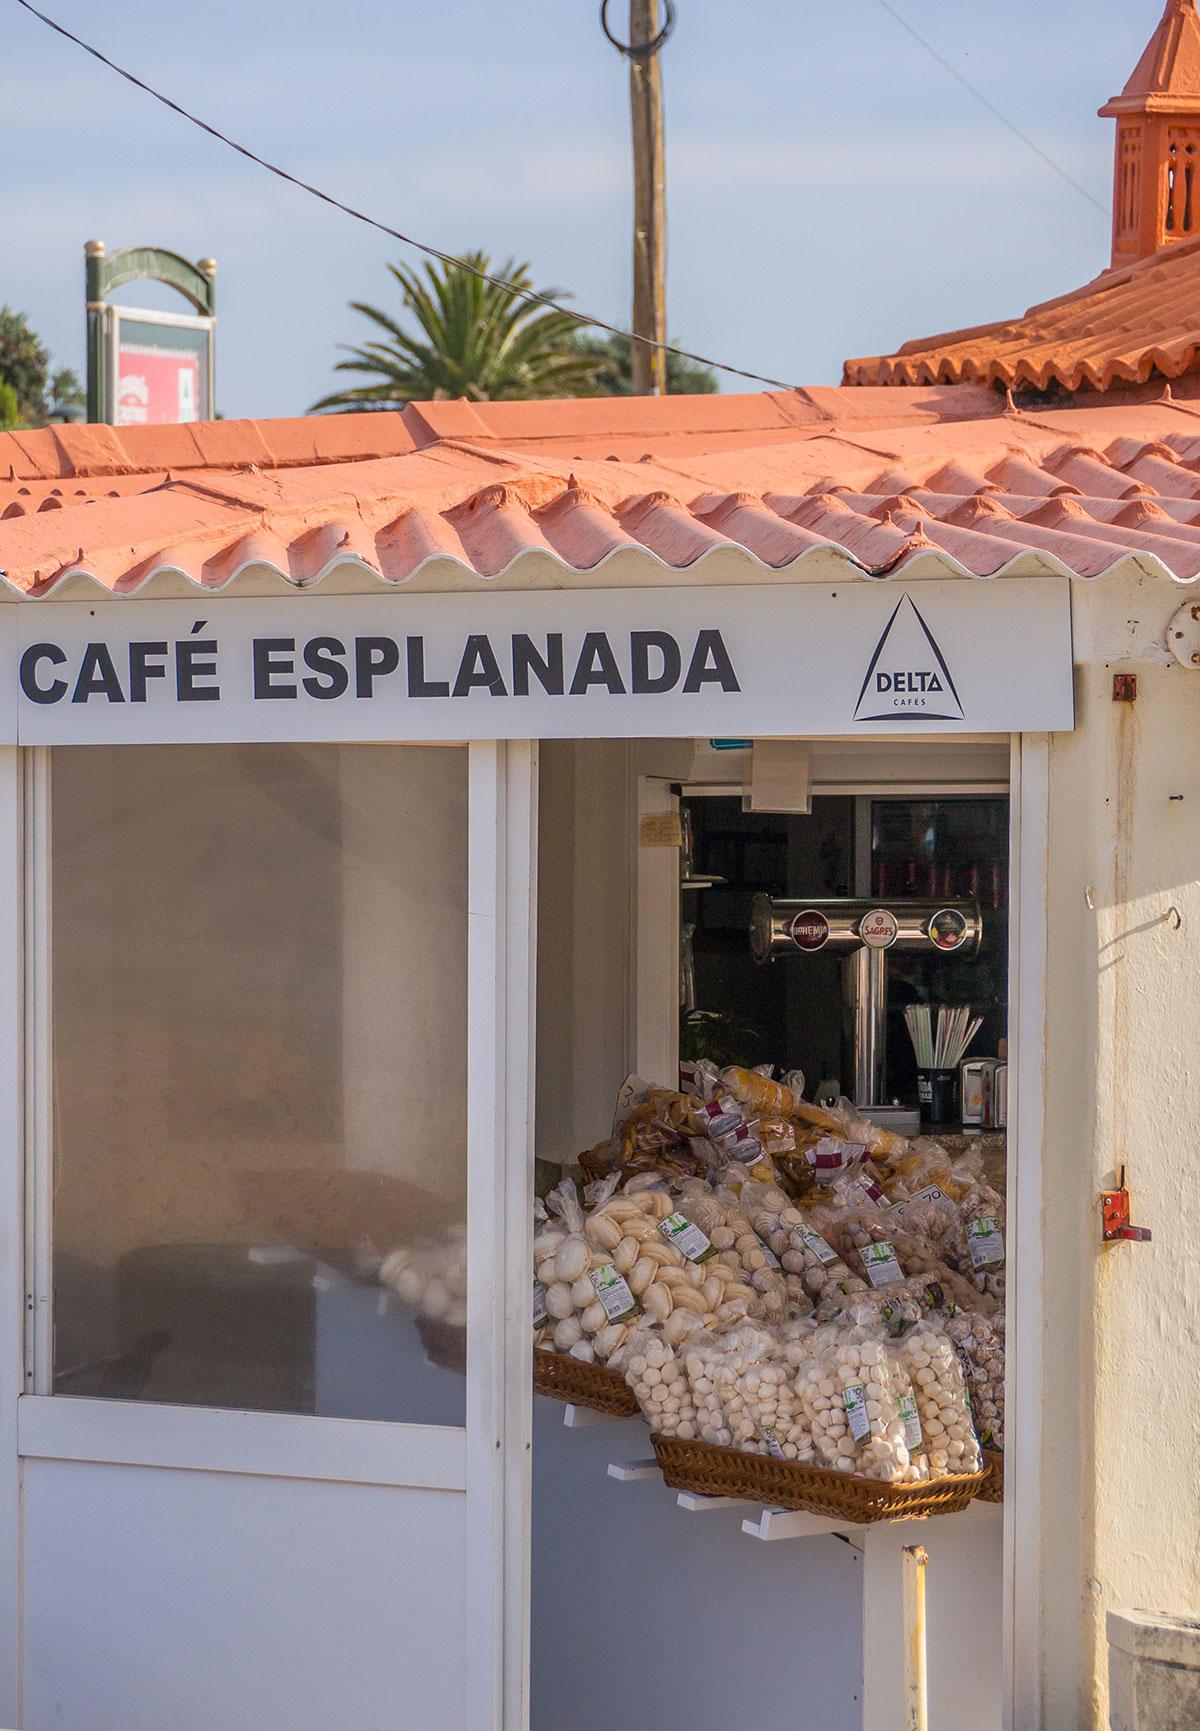 Portugal, Cascais, Cafe Esplanada